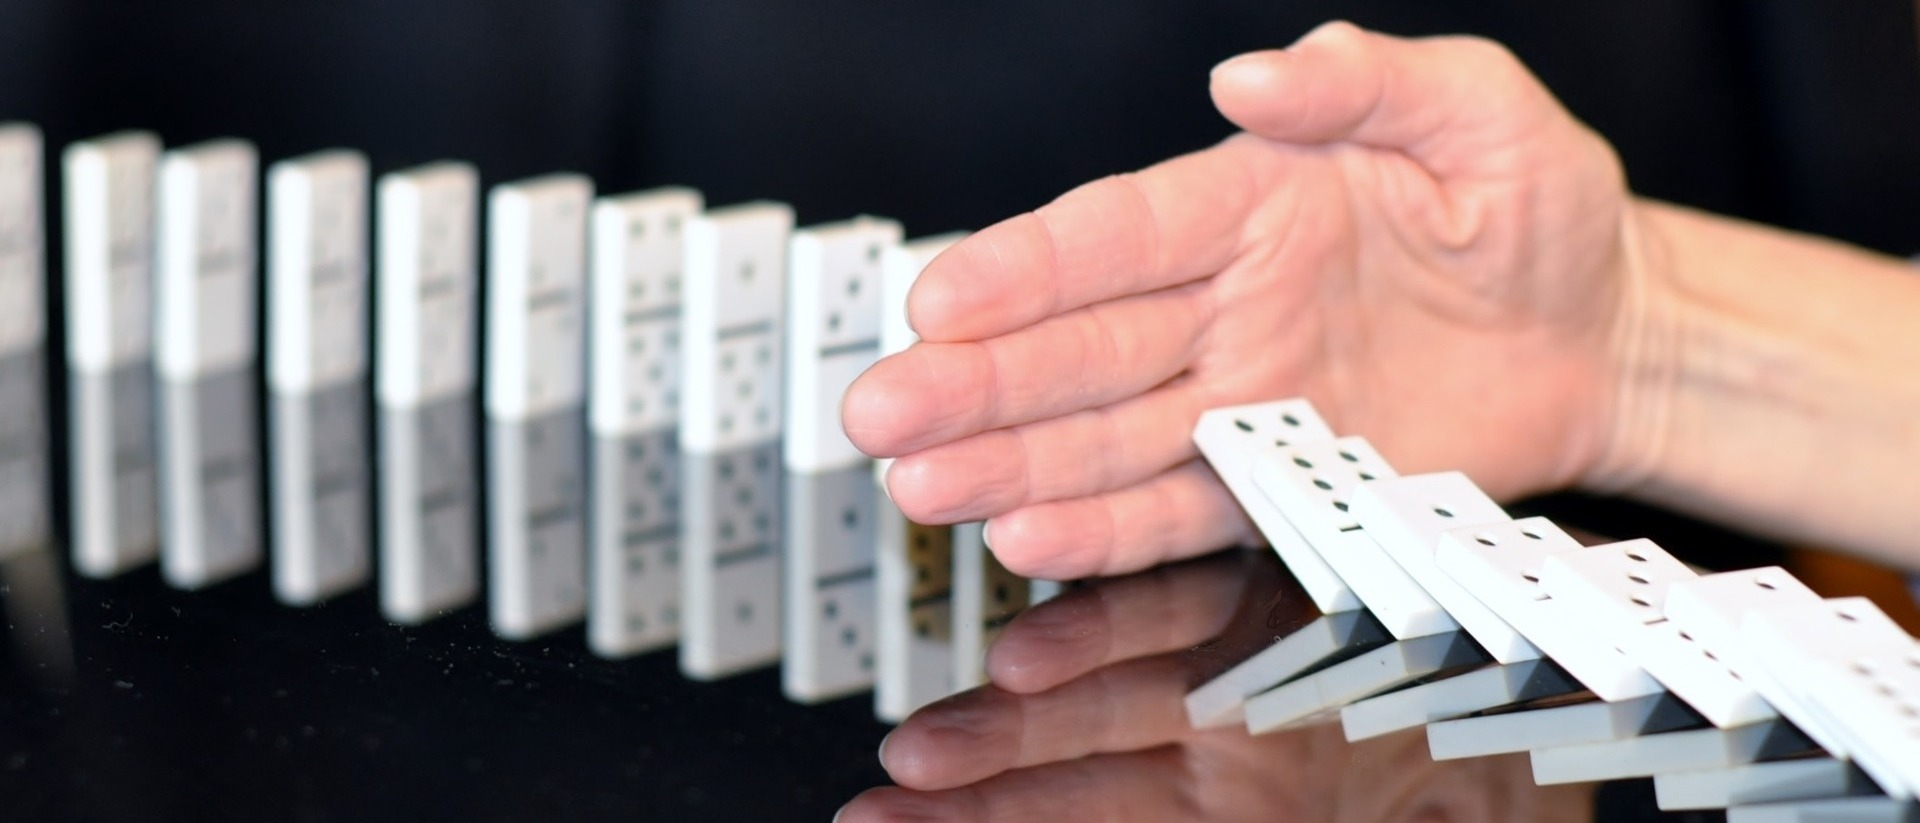 Kopers Haken Af & Dubbele Lasten → 5 Tips Om Snel Je Huis Te Verkopen